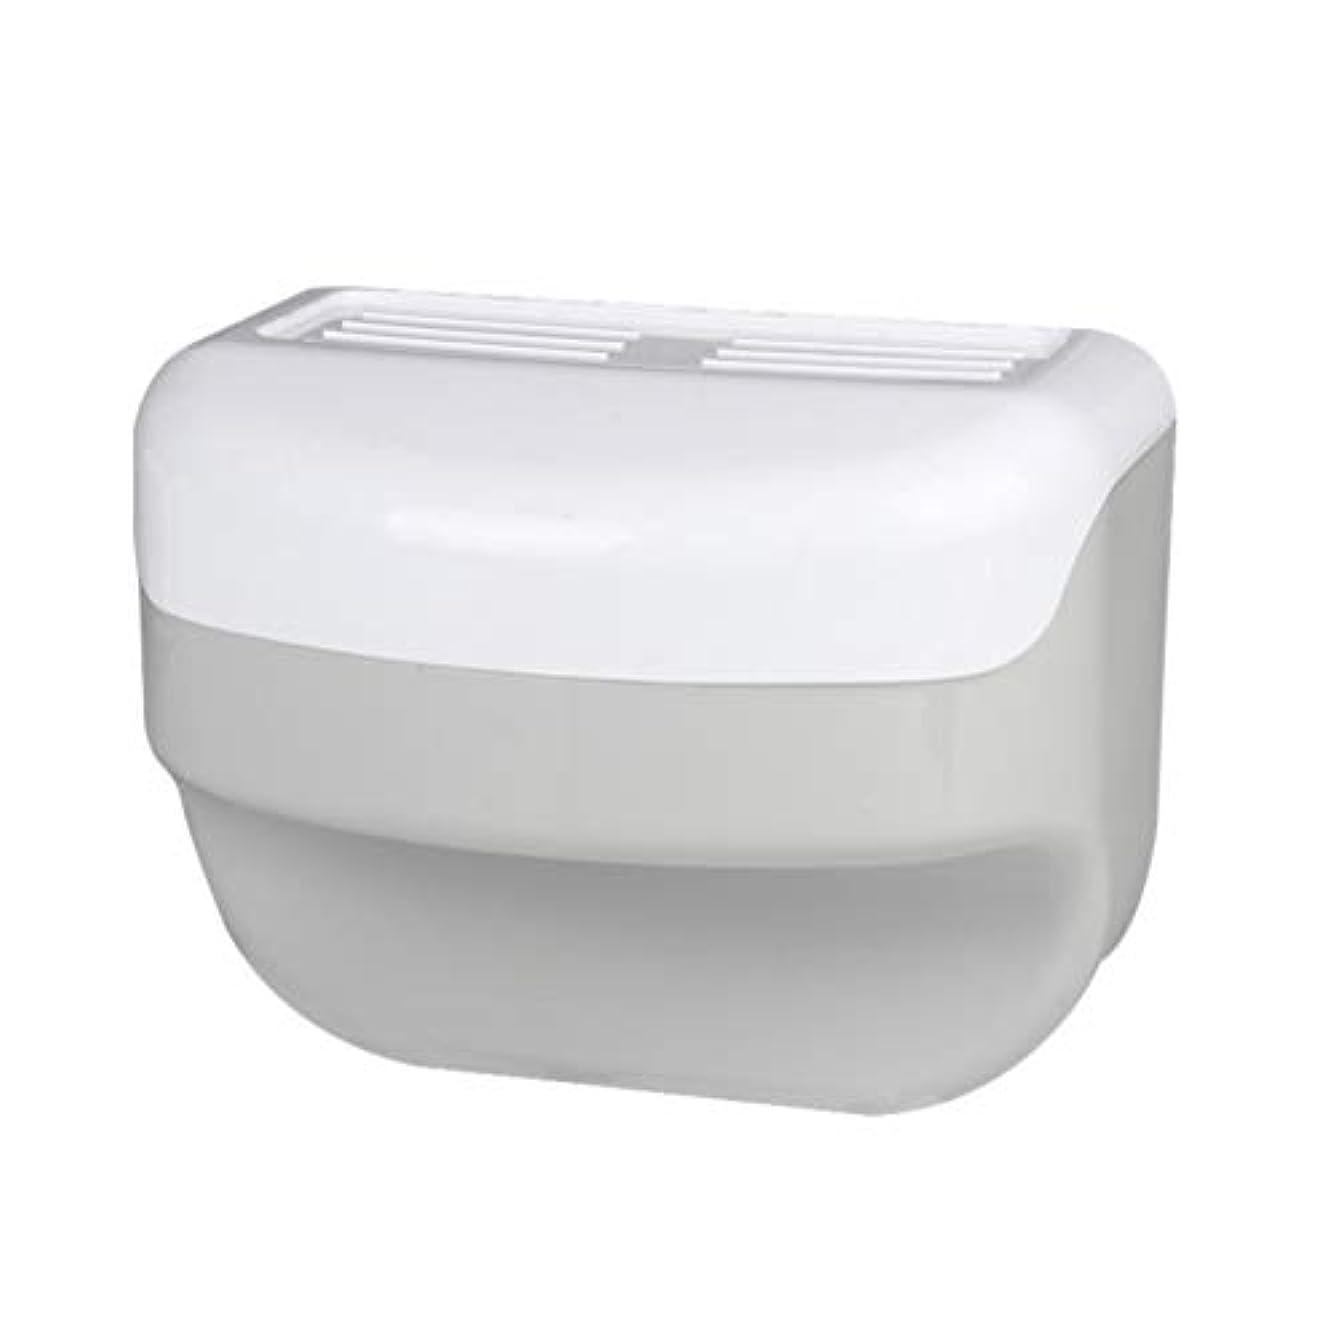 眠る緩めるモーテルTOPBATHY 浴室トイレティッシュボックスラック壁吸盤ロールホルダーフリー掘削ネイルフリーティッシュボックス